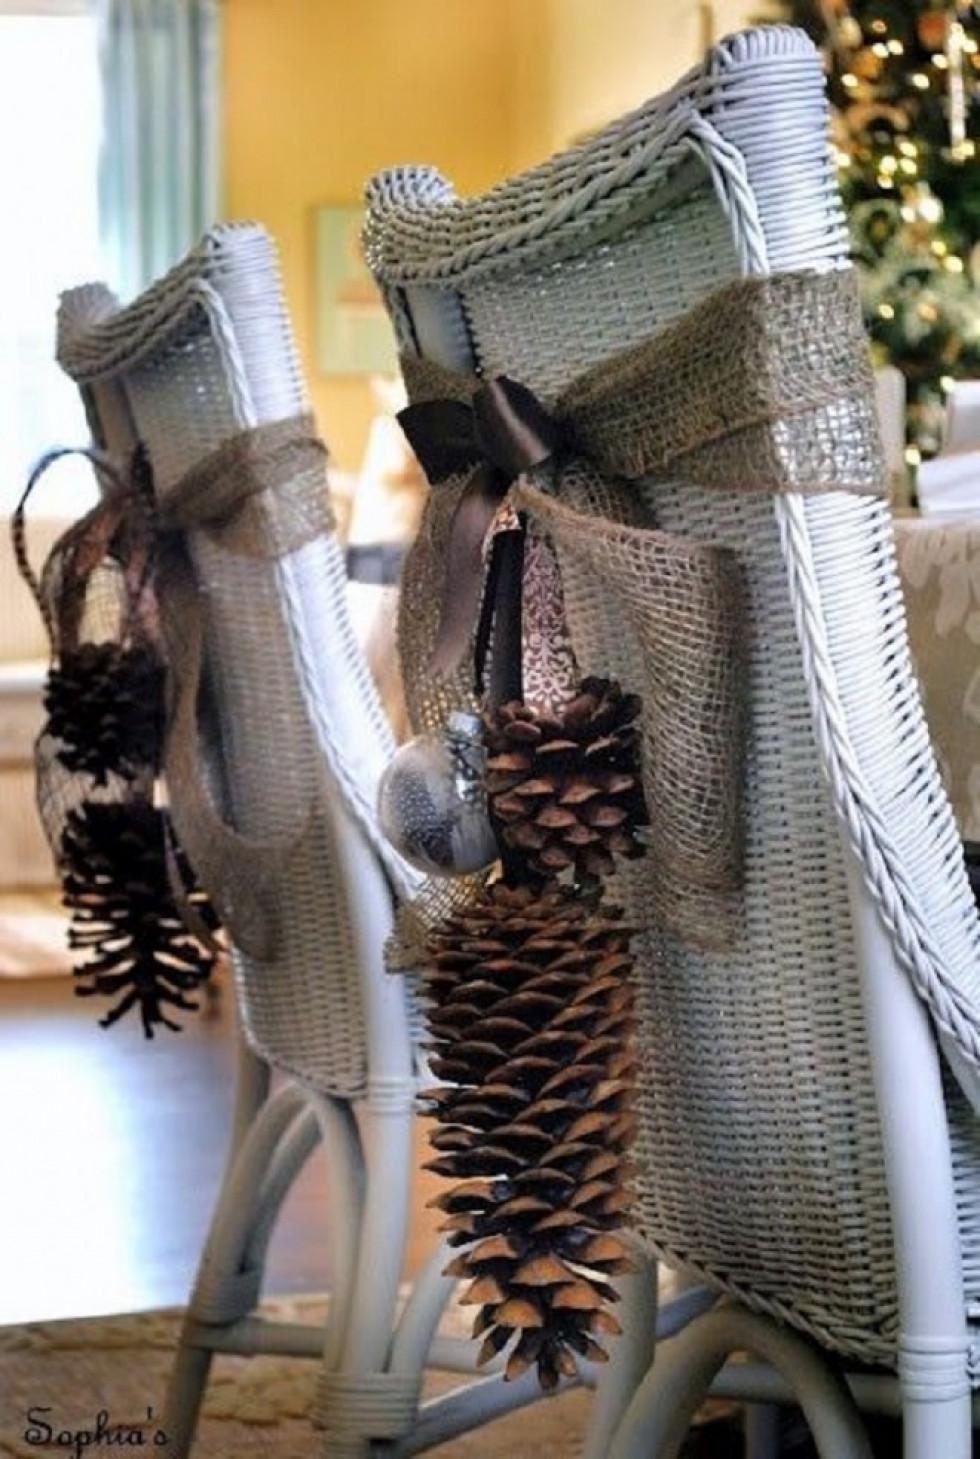 18 днів до свята: створюємо новорічний настрій за 5 хвилин